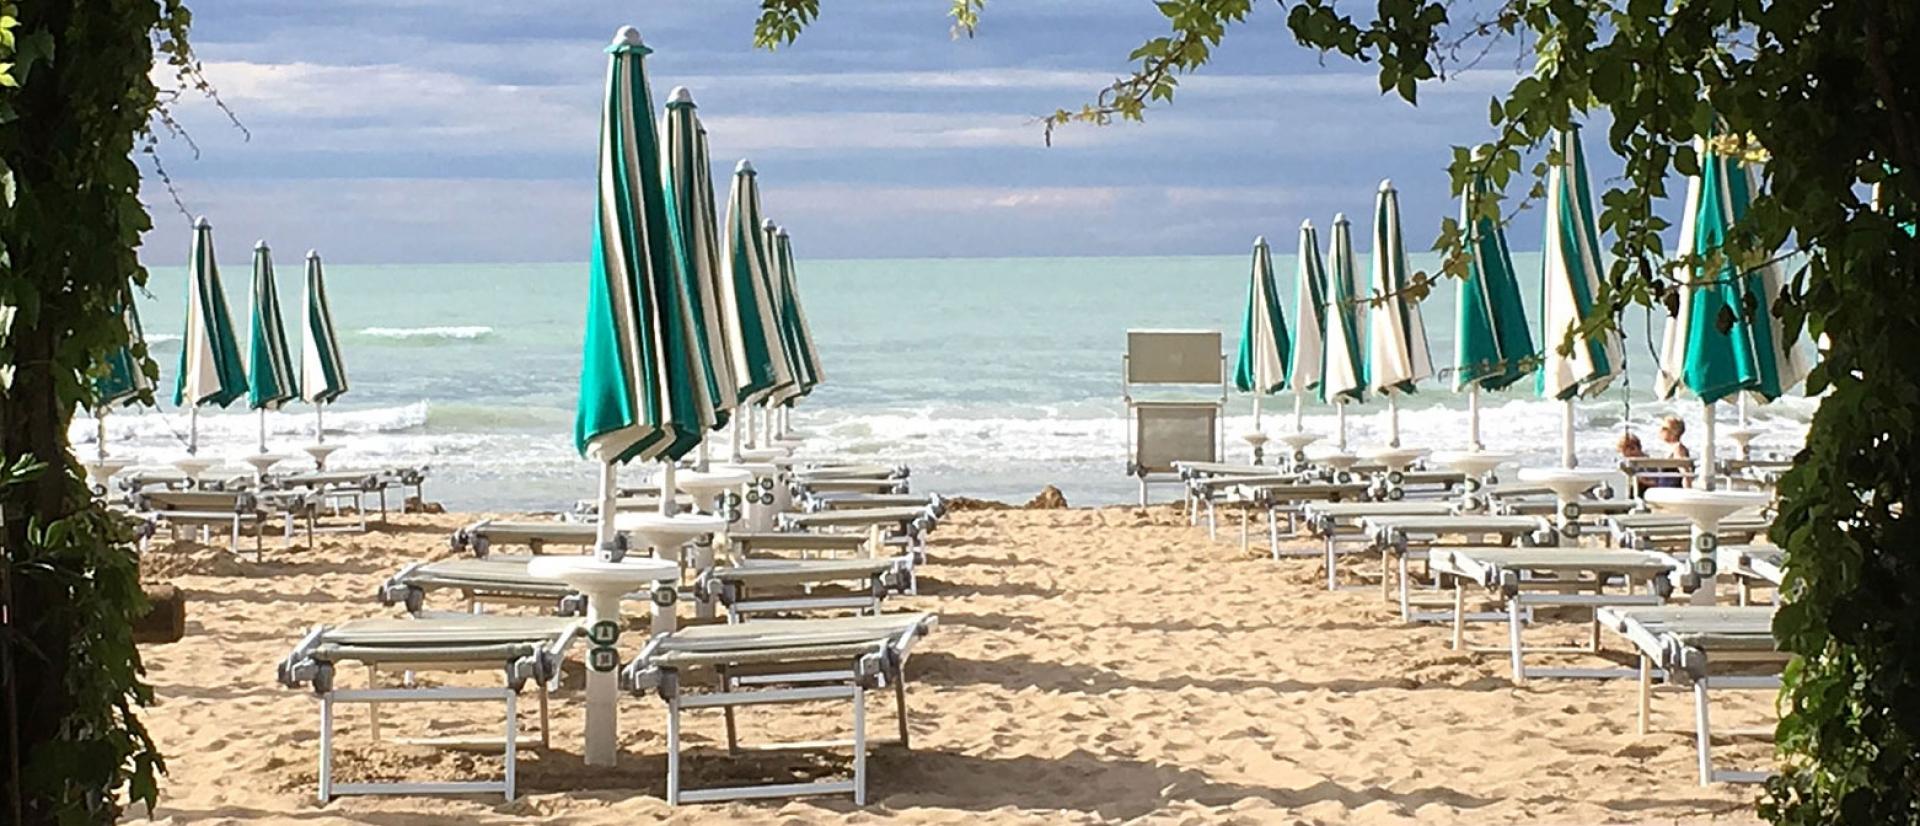 jesolo-hotel-sulla-spiaggia-2